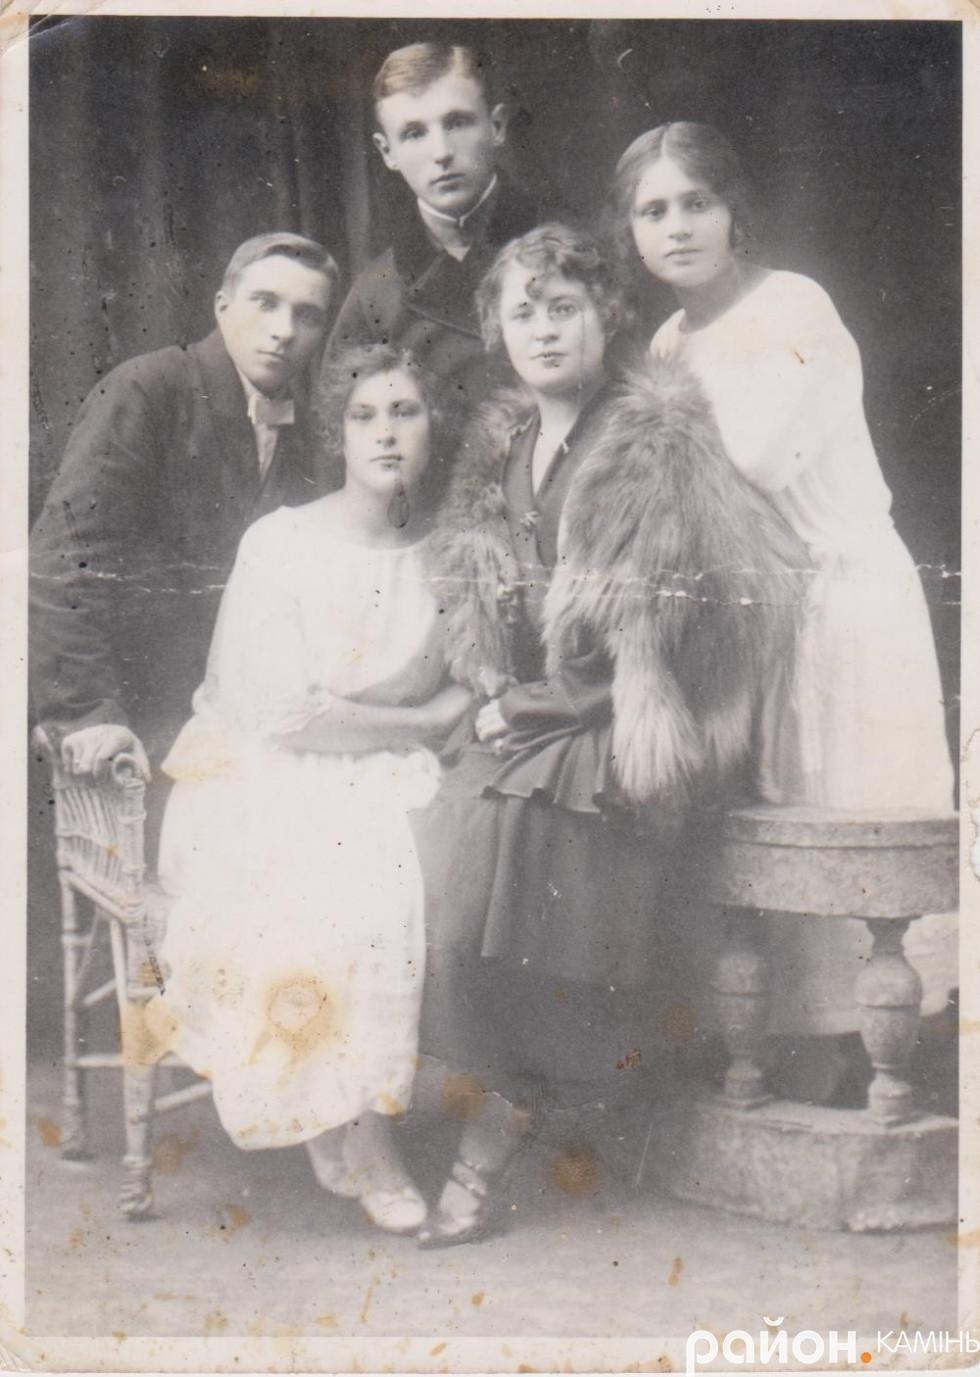 У центрі - Олександр Білецький, зліва - Григорій Жукович, сидять перша зліва  - Марфа Буйницька, крайня справа - Неоніла Буйницька. 1924 р.